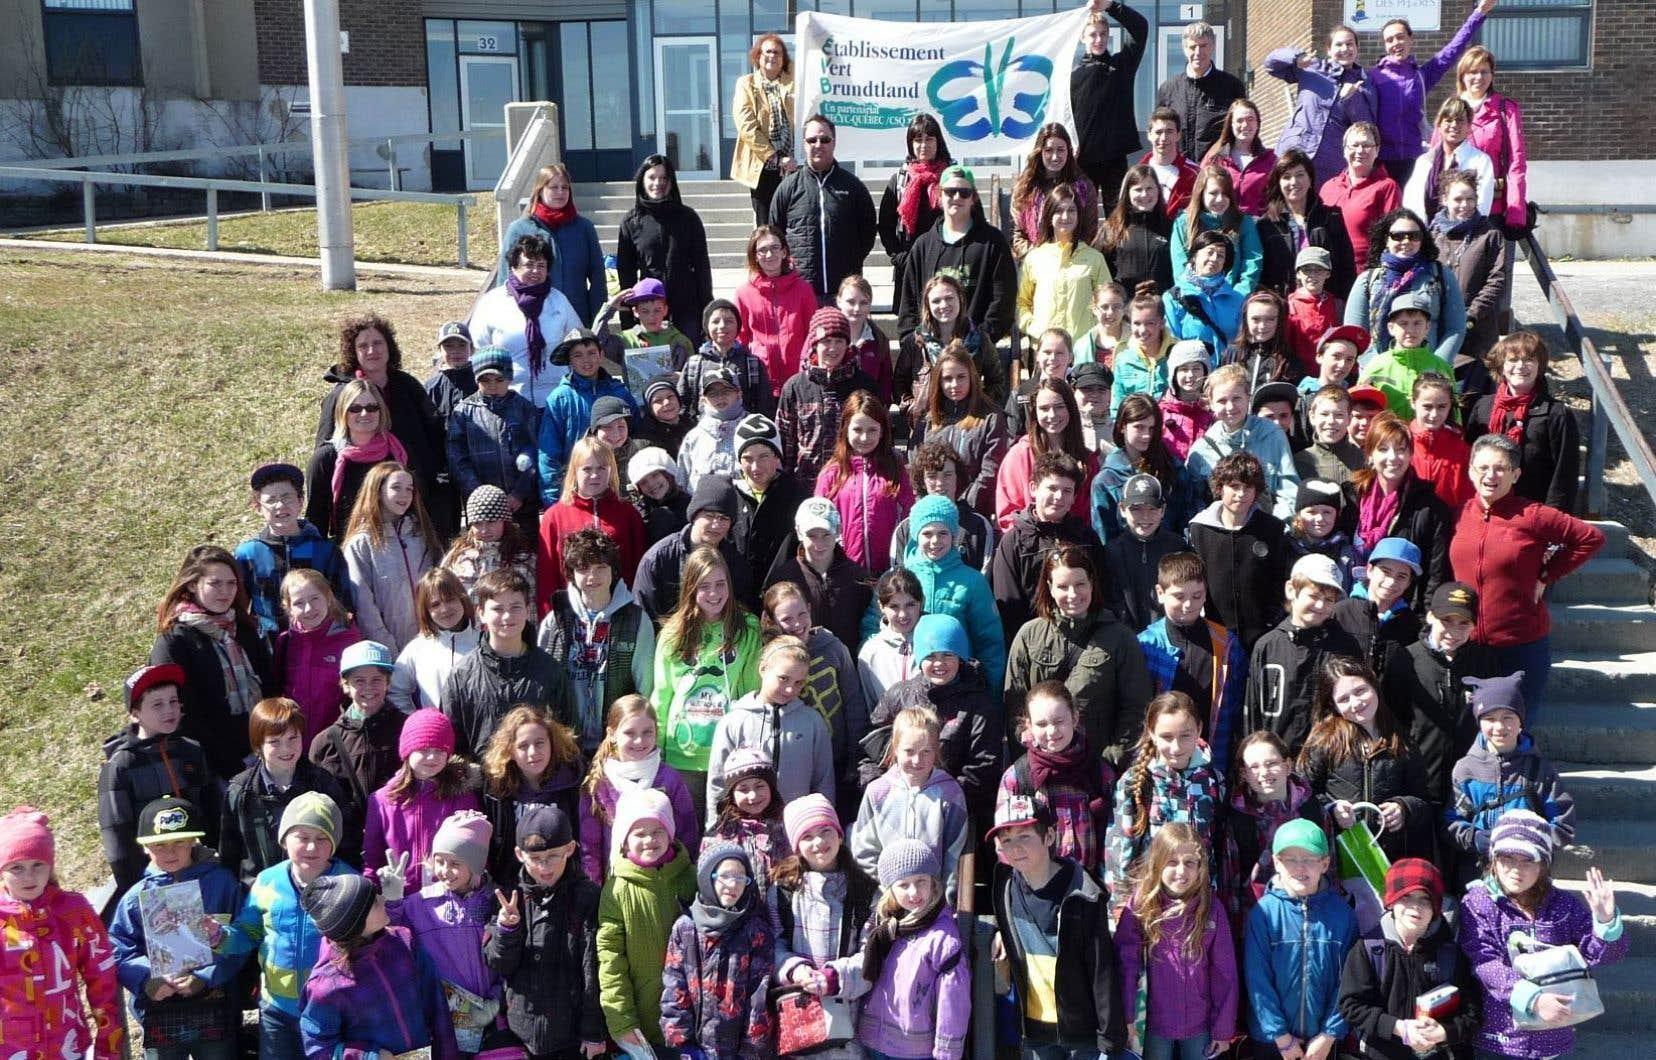 Carrefour de la citoyenneté responsable organisé par le mouvement des établissements verts Brundtland (EVB), à Montréal